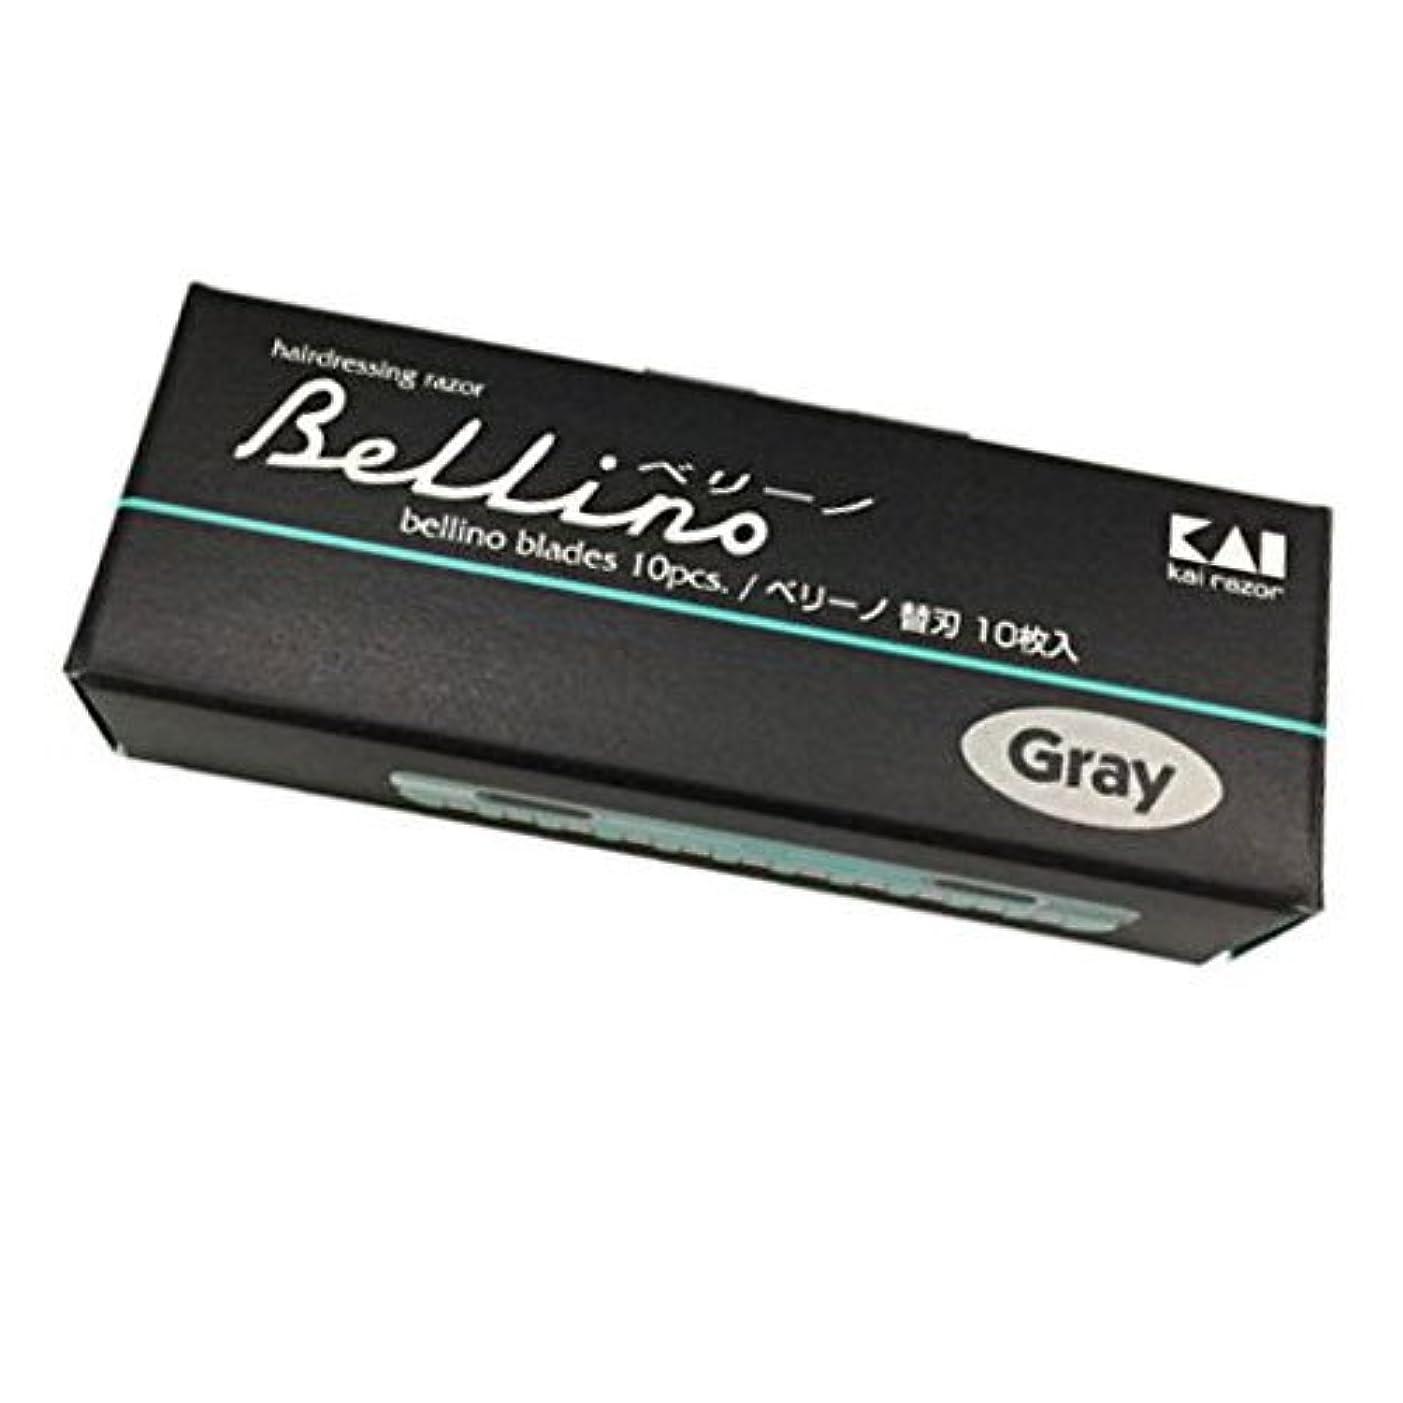 同一の容量ライオネルグリーンストリート貝印カミソリ ベリーノ替刃 10枚入